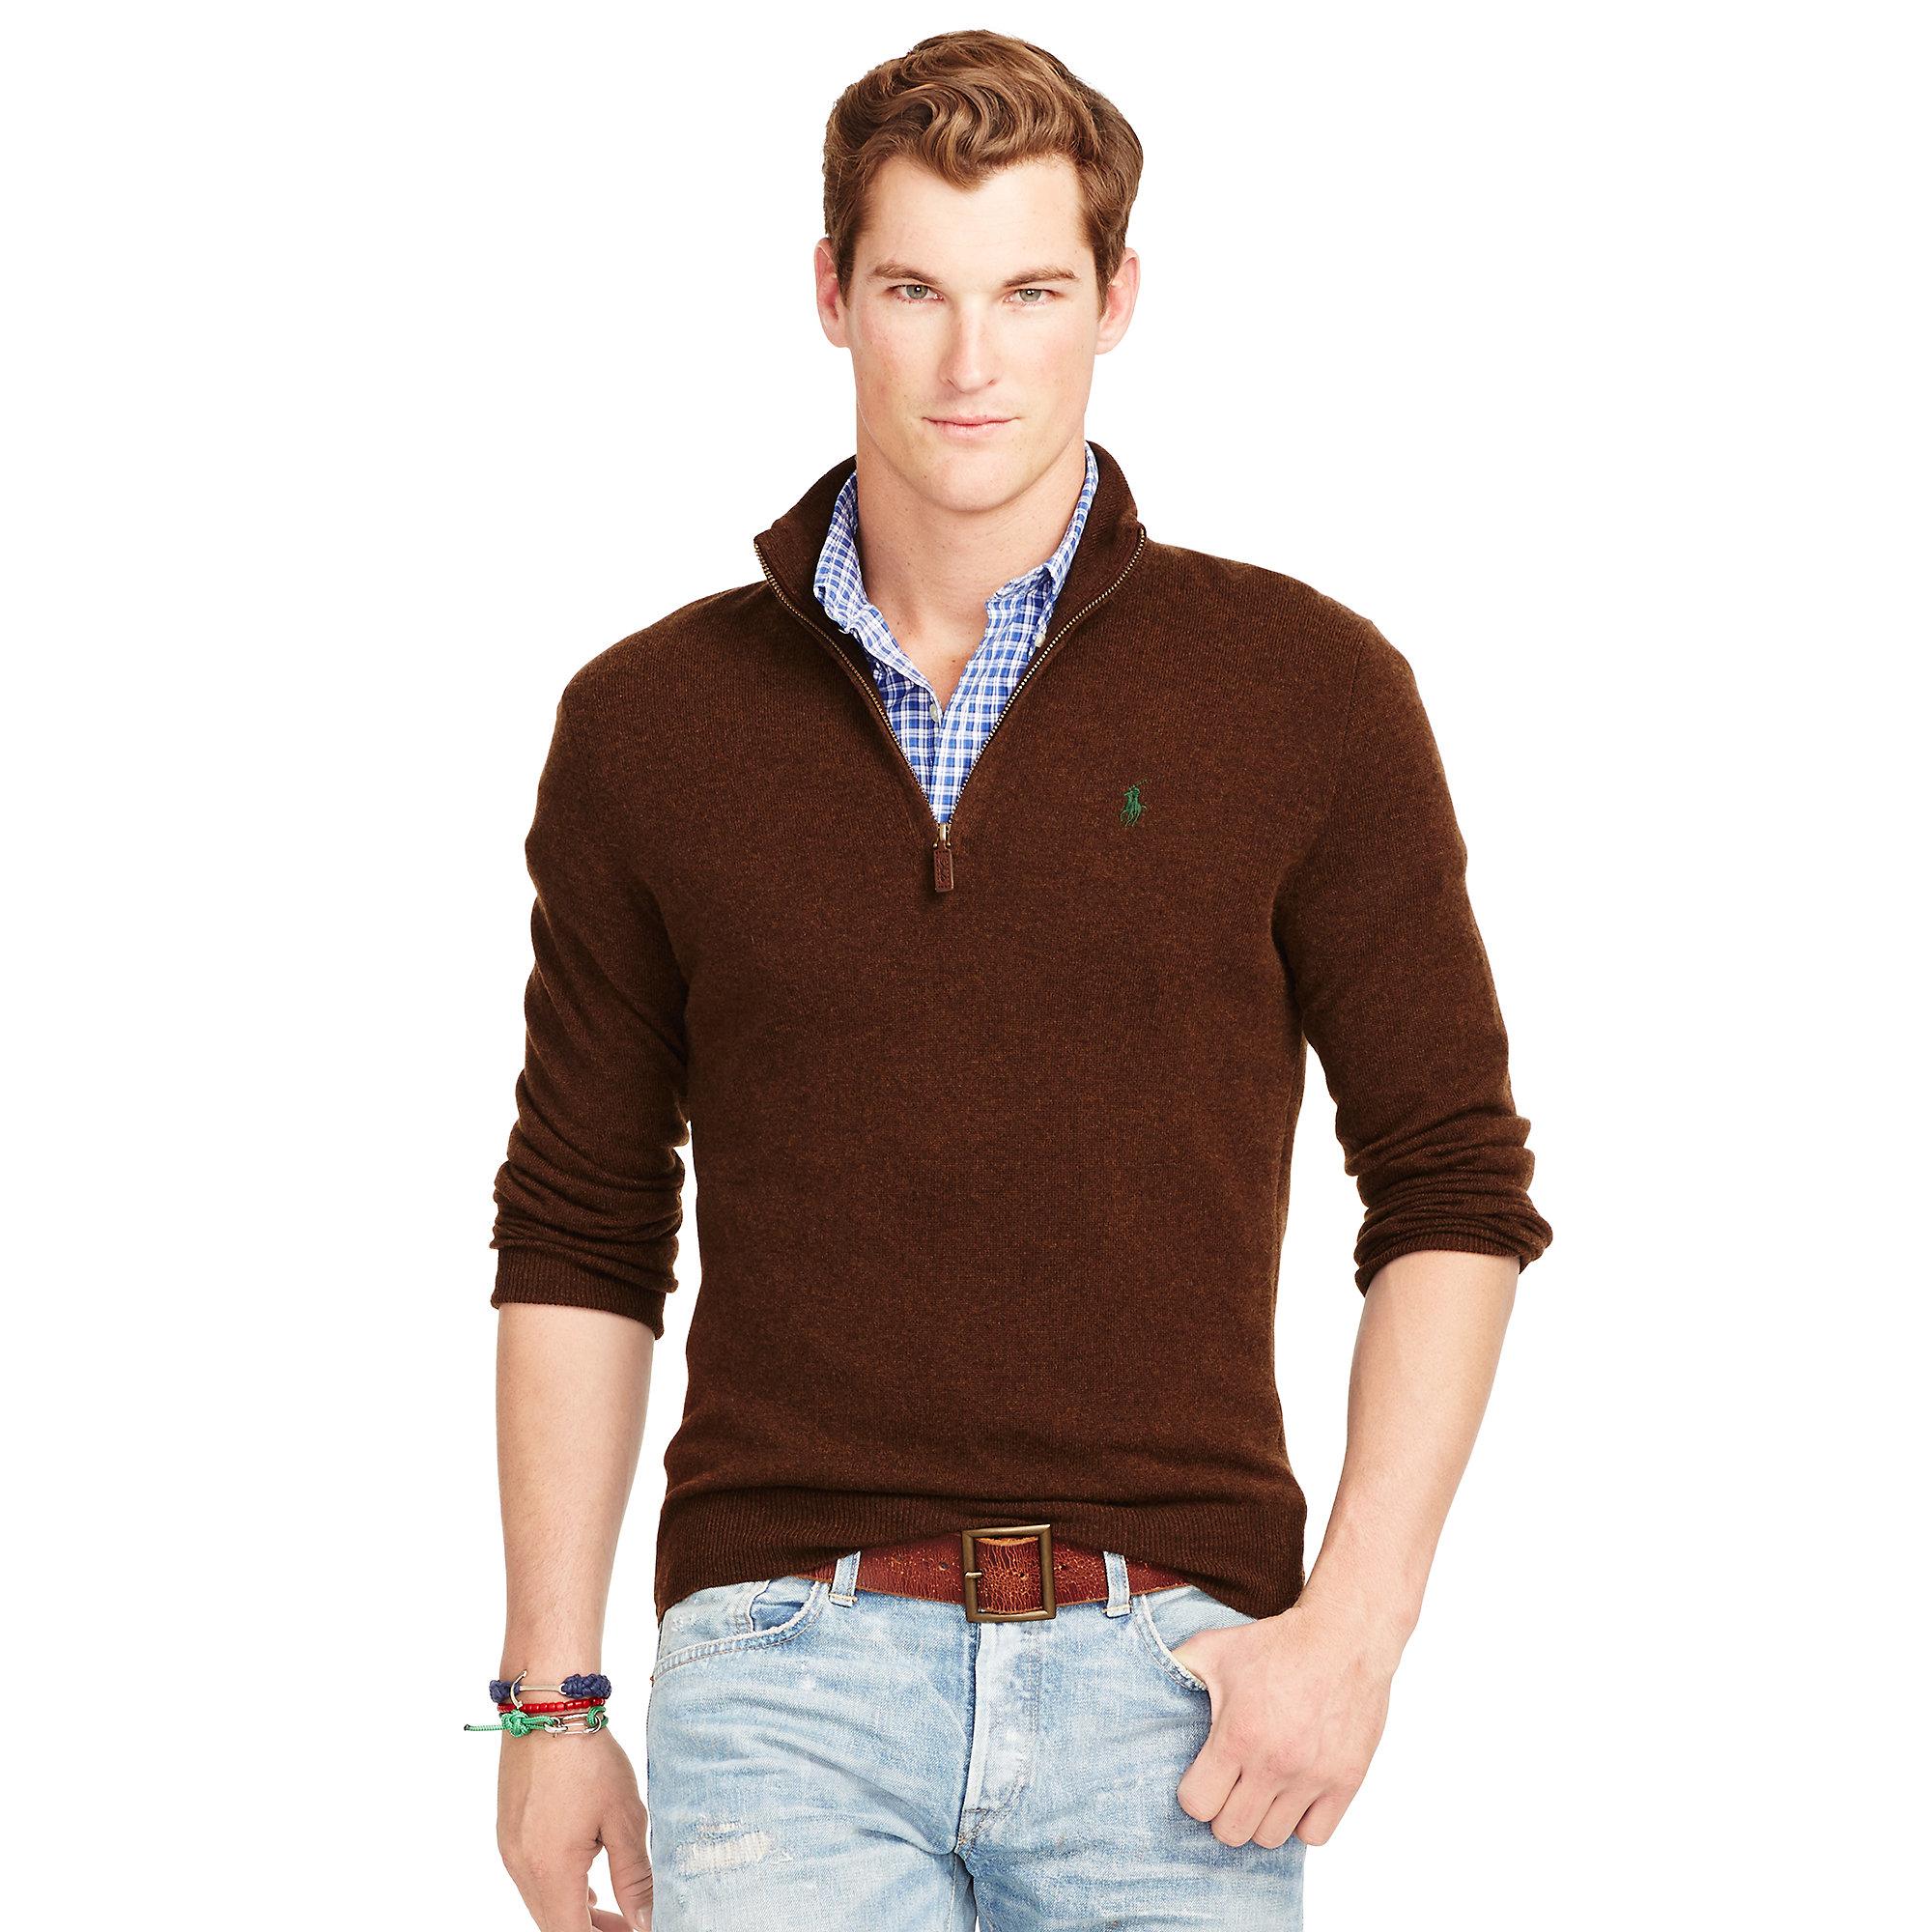 ec8e85109 Lyst - Polo Ralph Lauren Wool Half-zip Sweater in Brown for Men